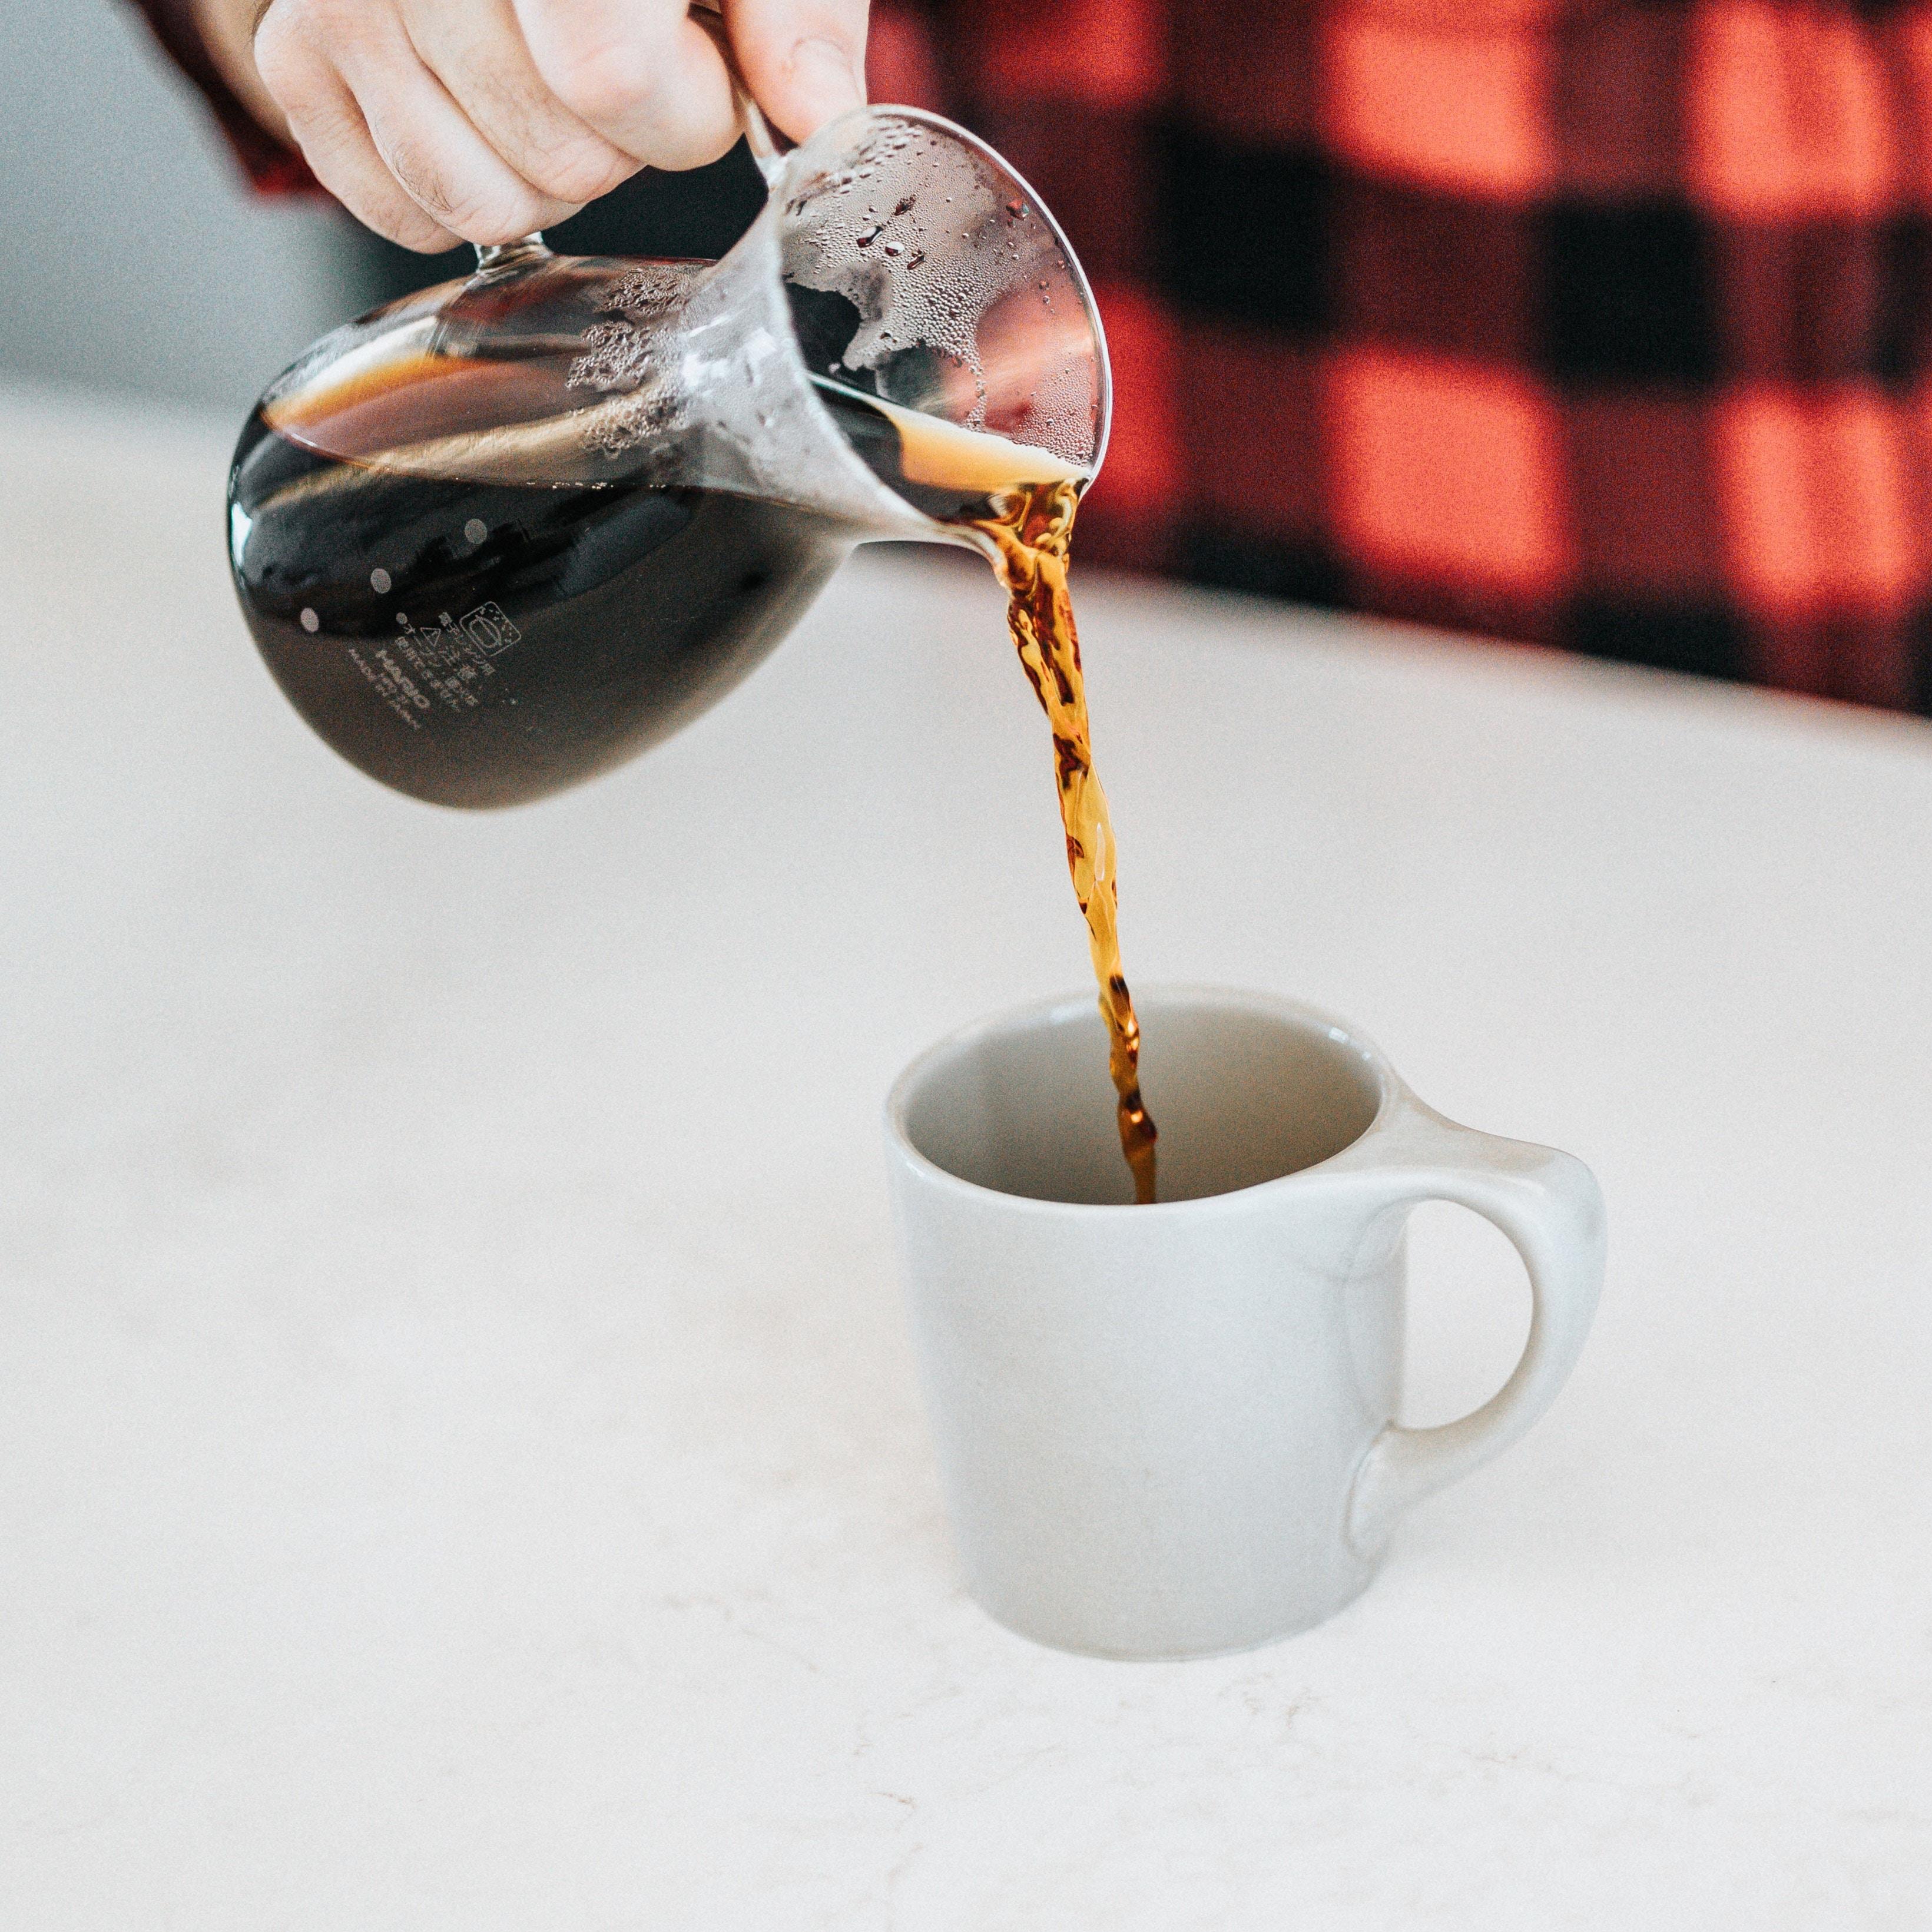 Café sendo servido na jarra de vidro